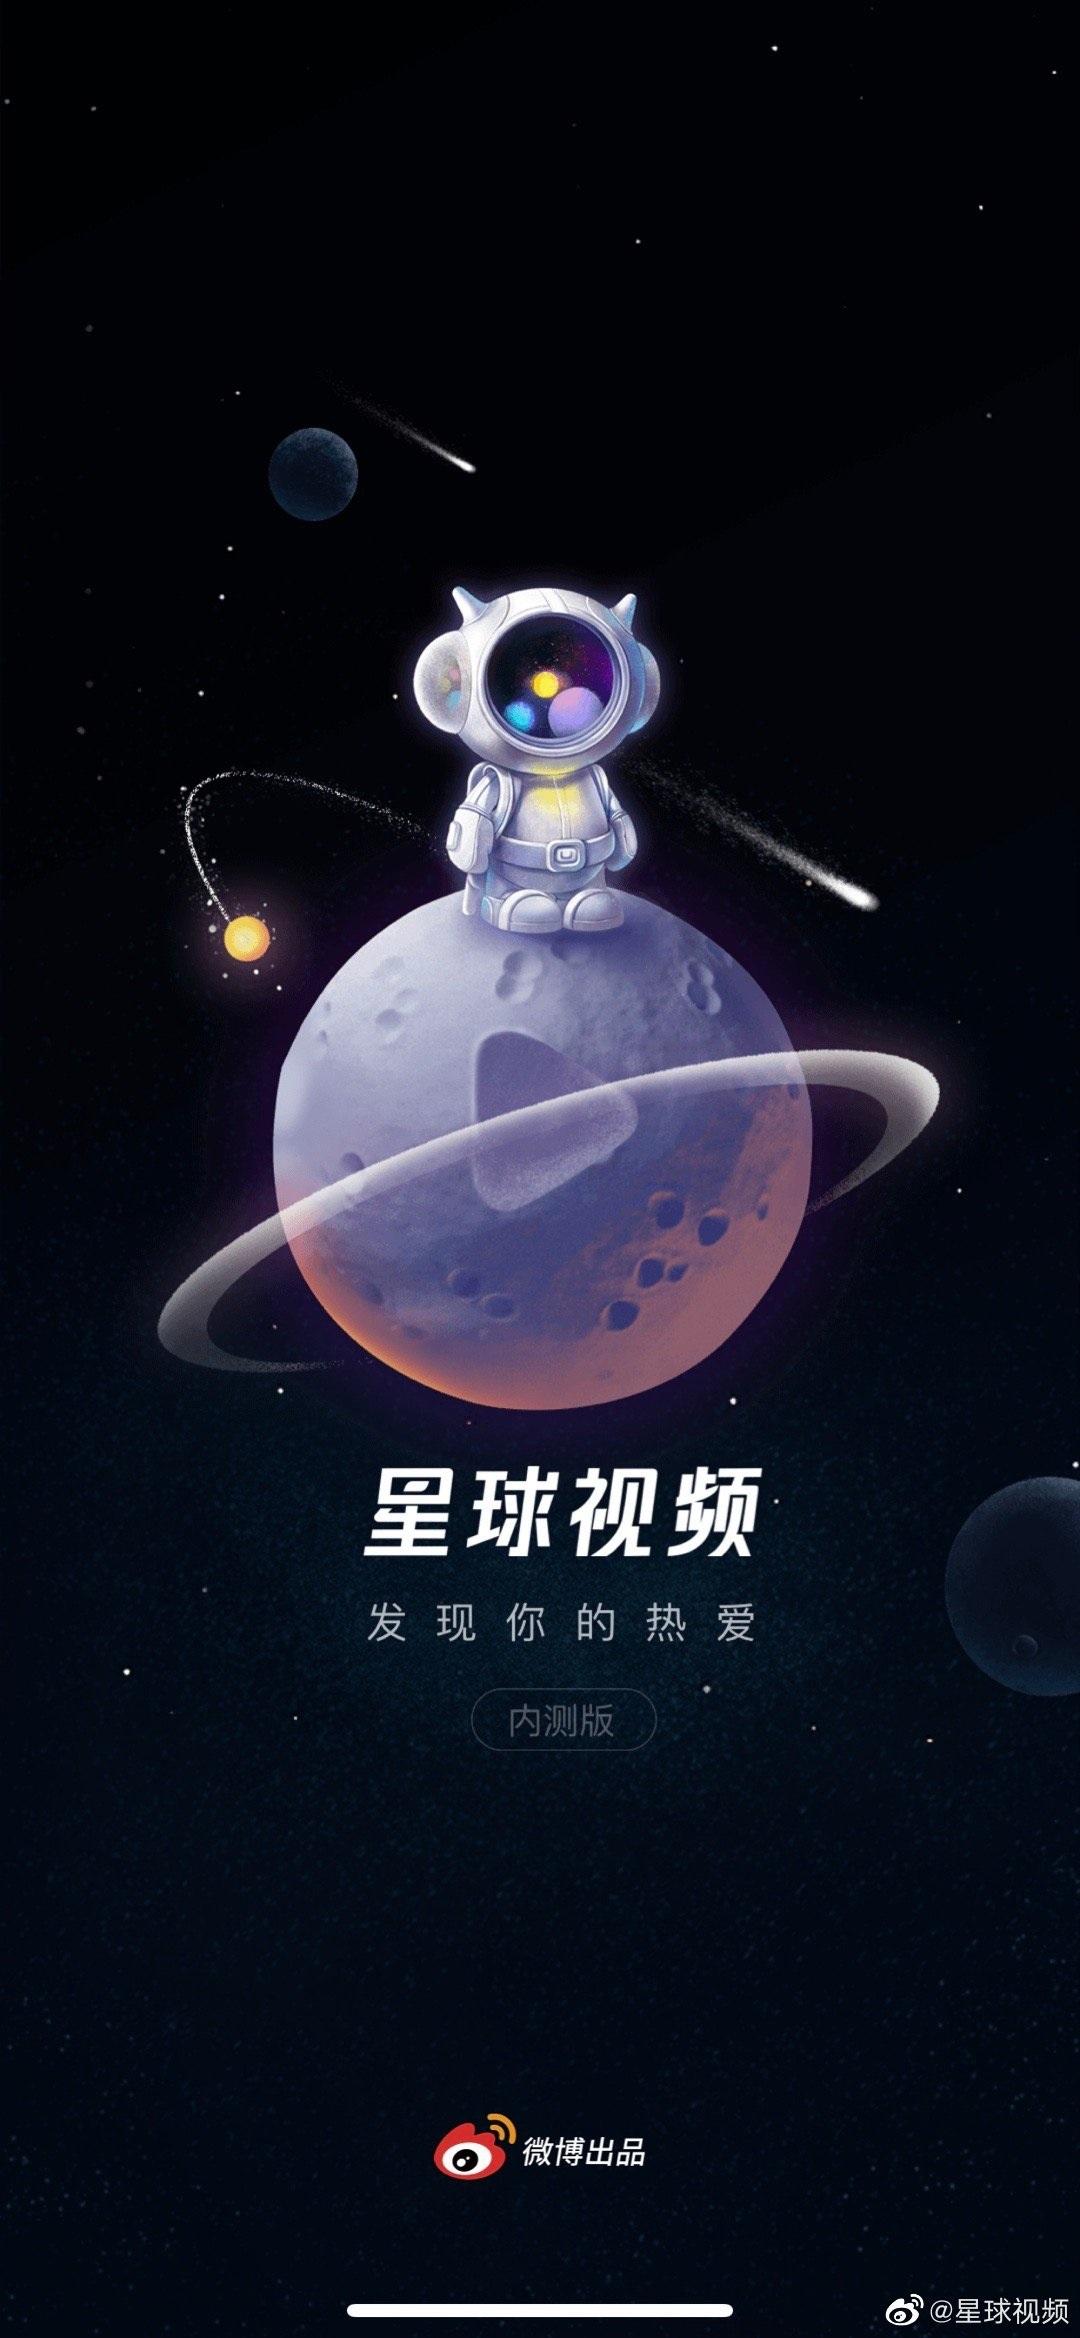 Weibo enters short video war, now testing app internally-cnTechPost